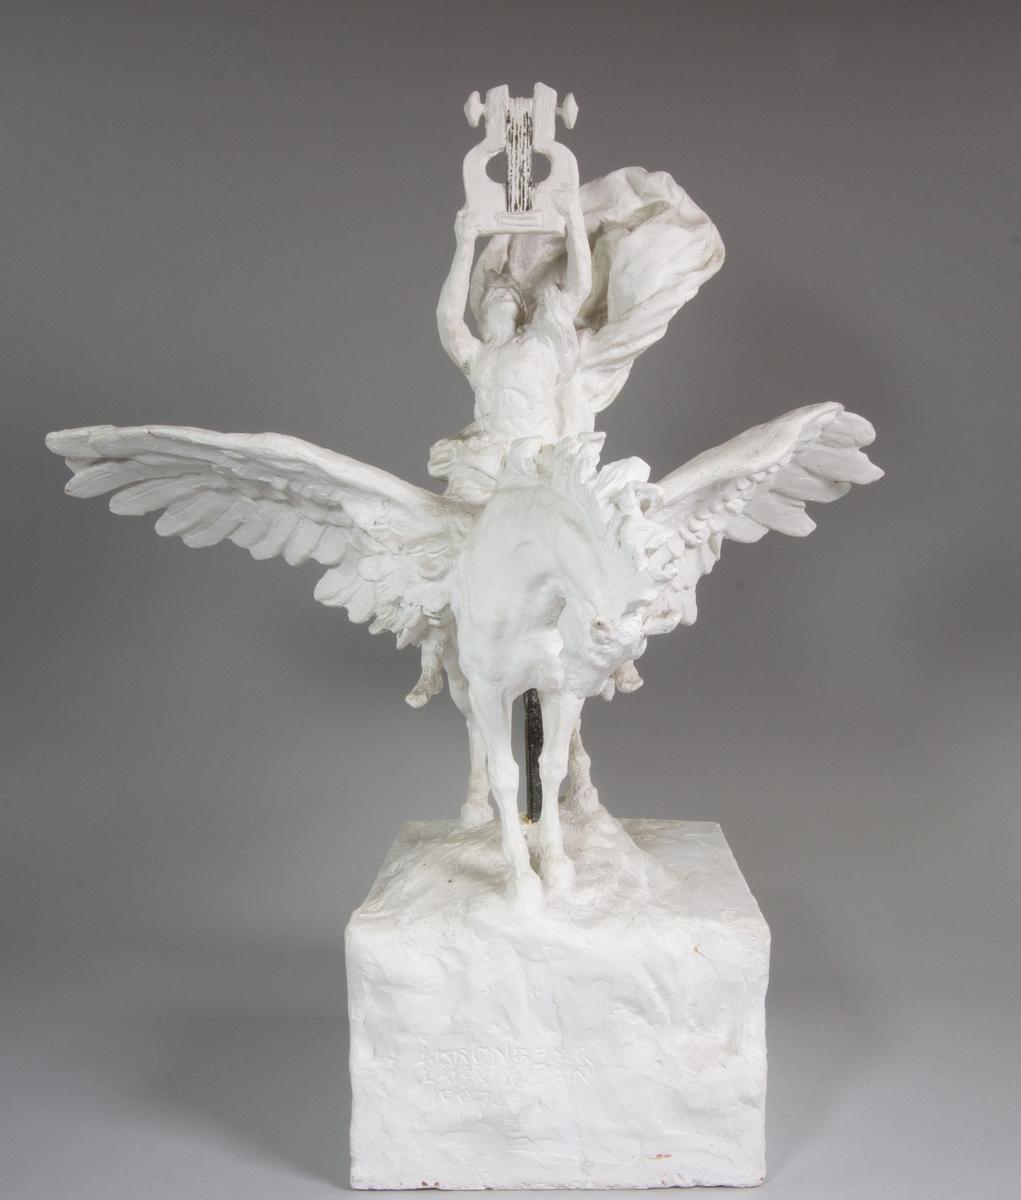 Studie föreställande Apollo i helfigur sittande på sin bevingade häst Pegasus. Hästen står på en klippformation. Apollo håller i sina uppsträckta händer en lyra och bakom honom en molnformation.